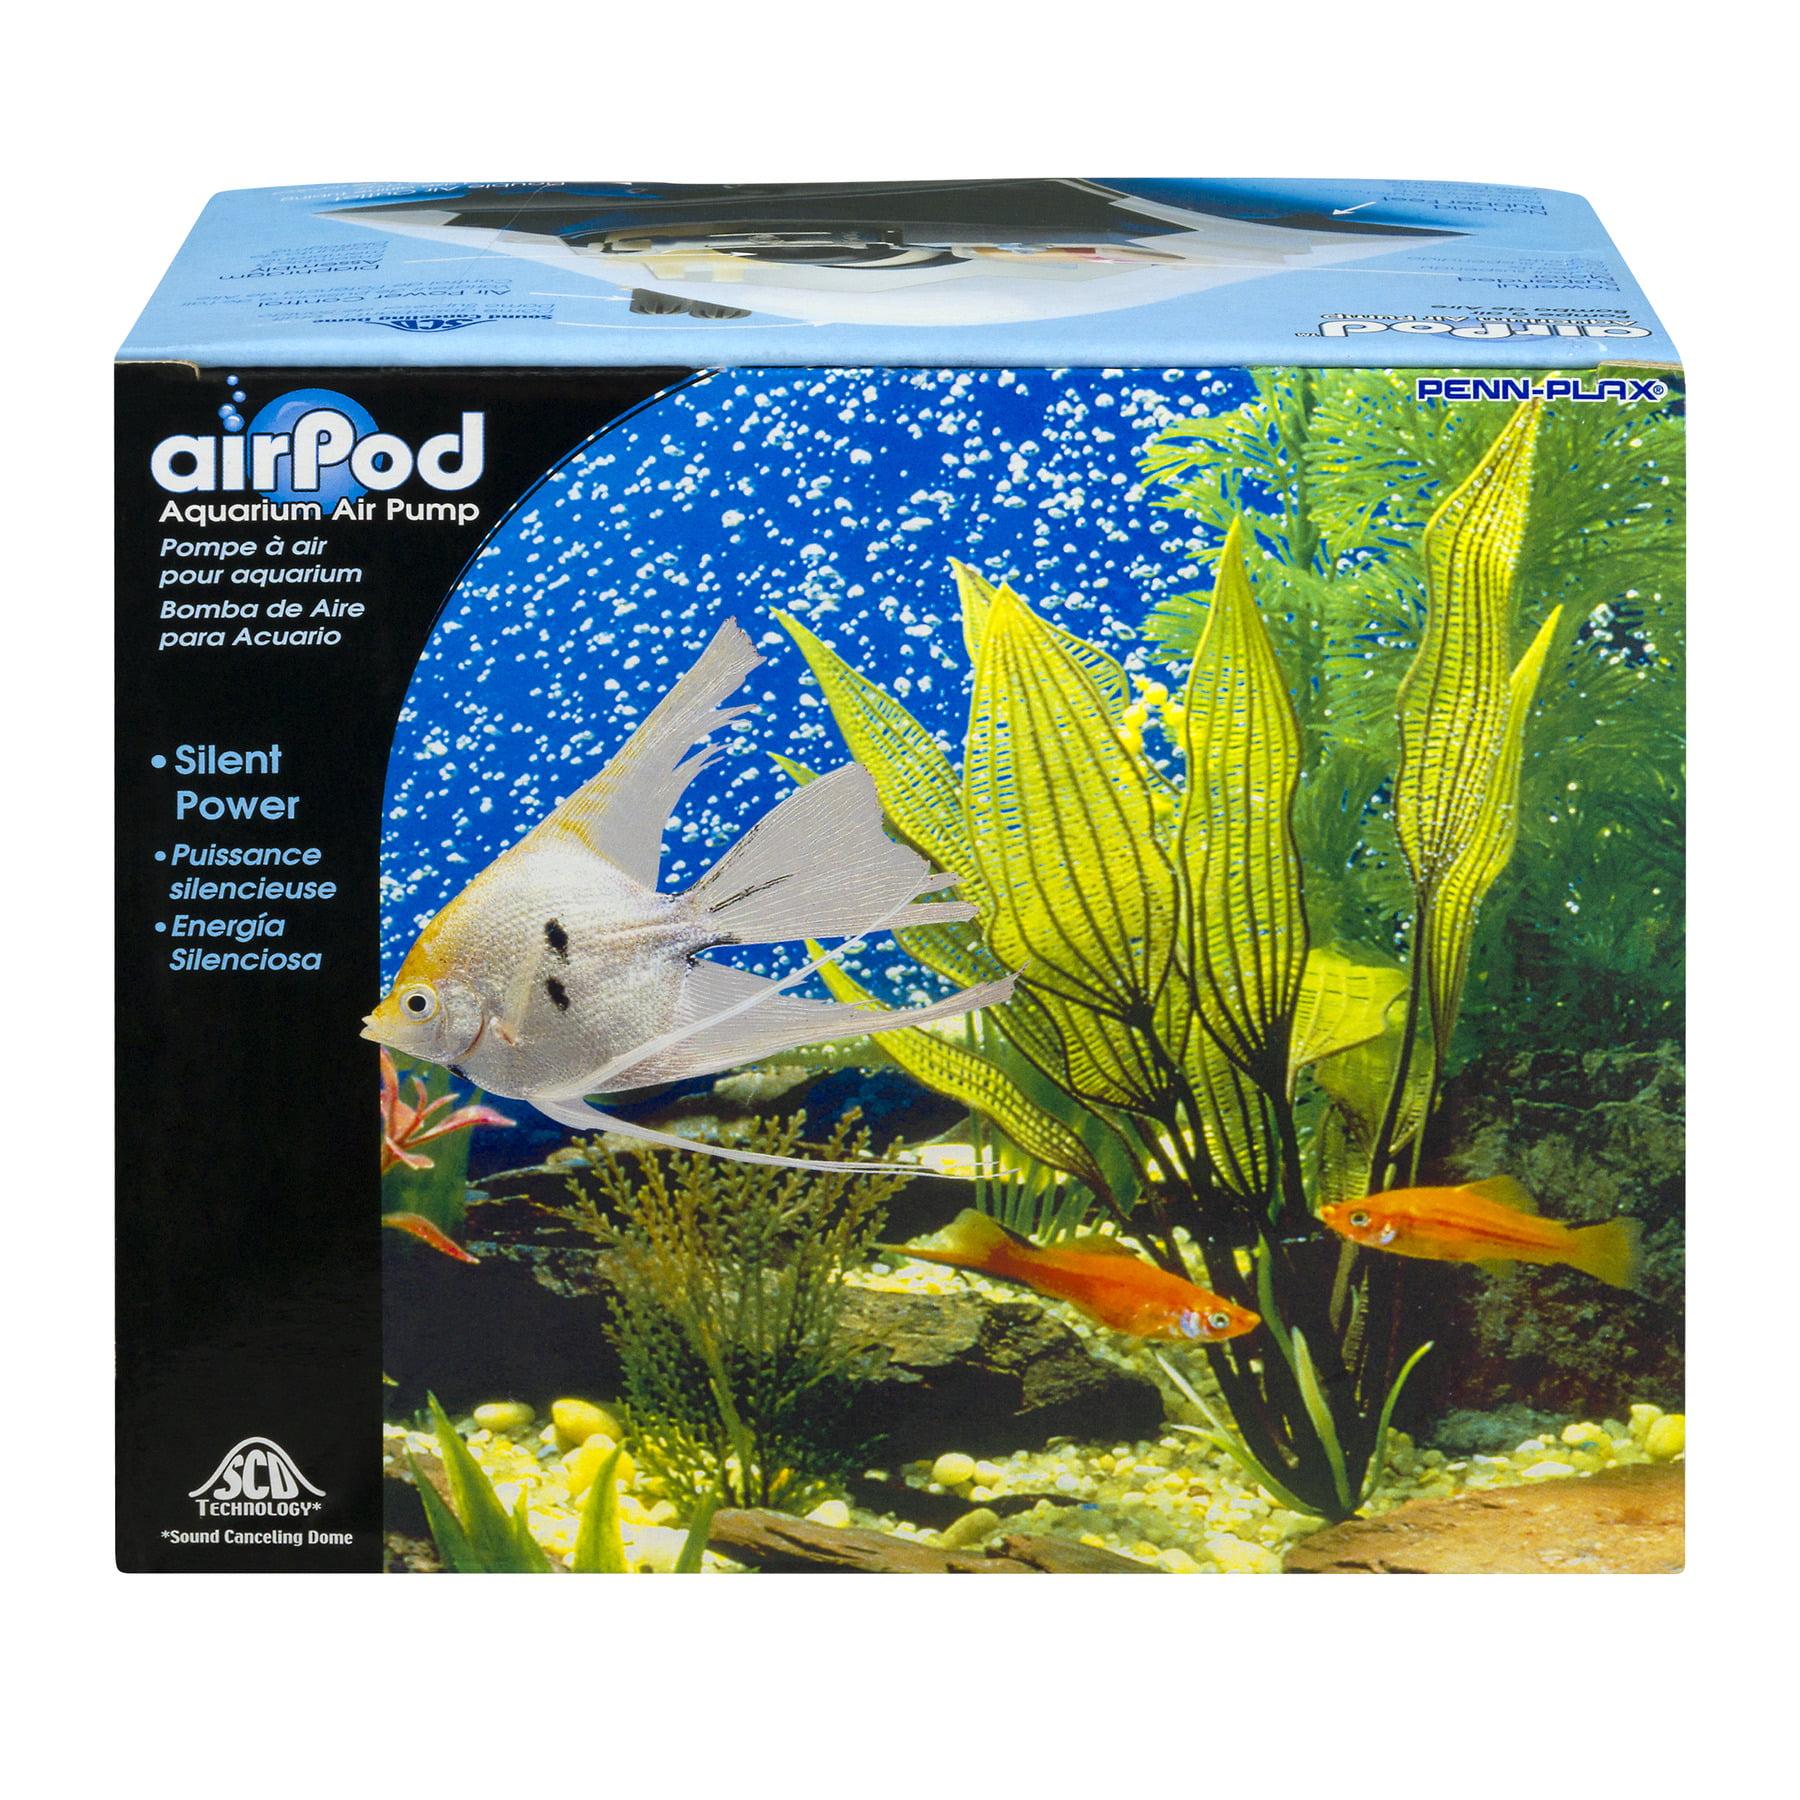 AirPod Aquarium Air Pump up to 100g